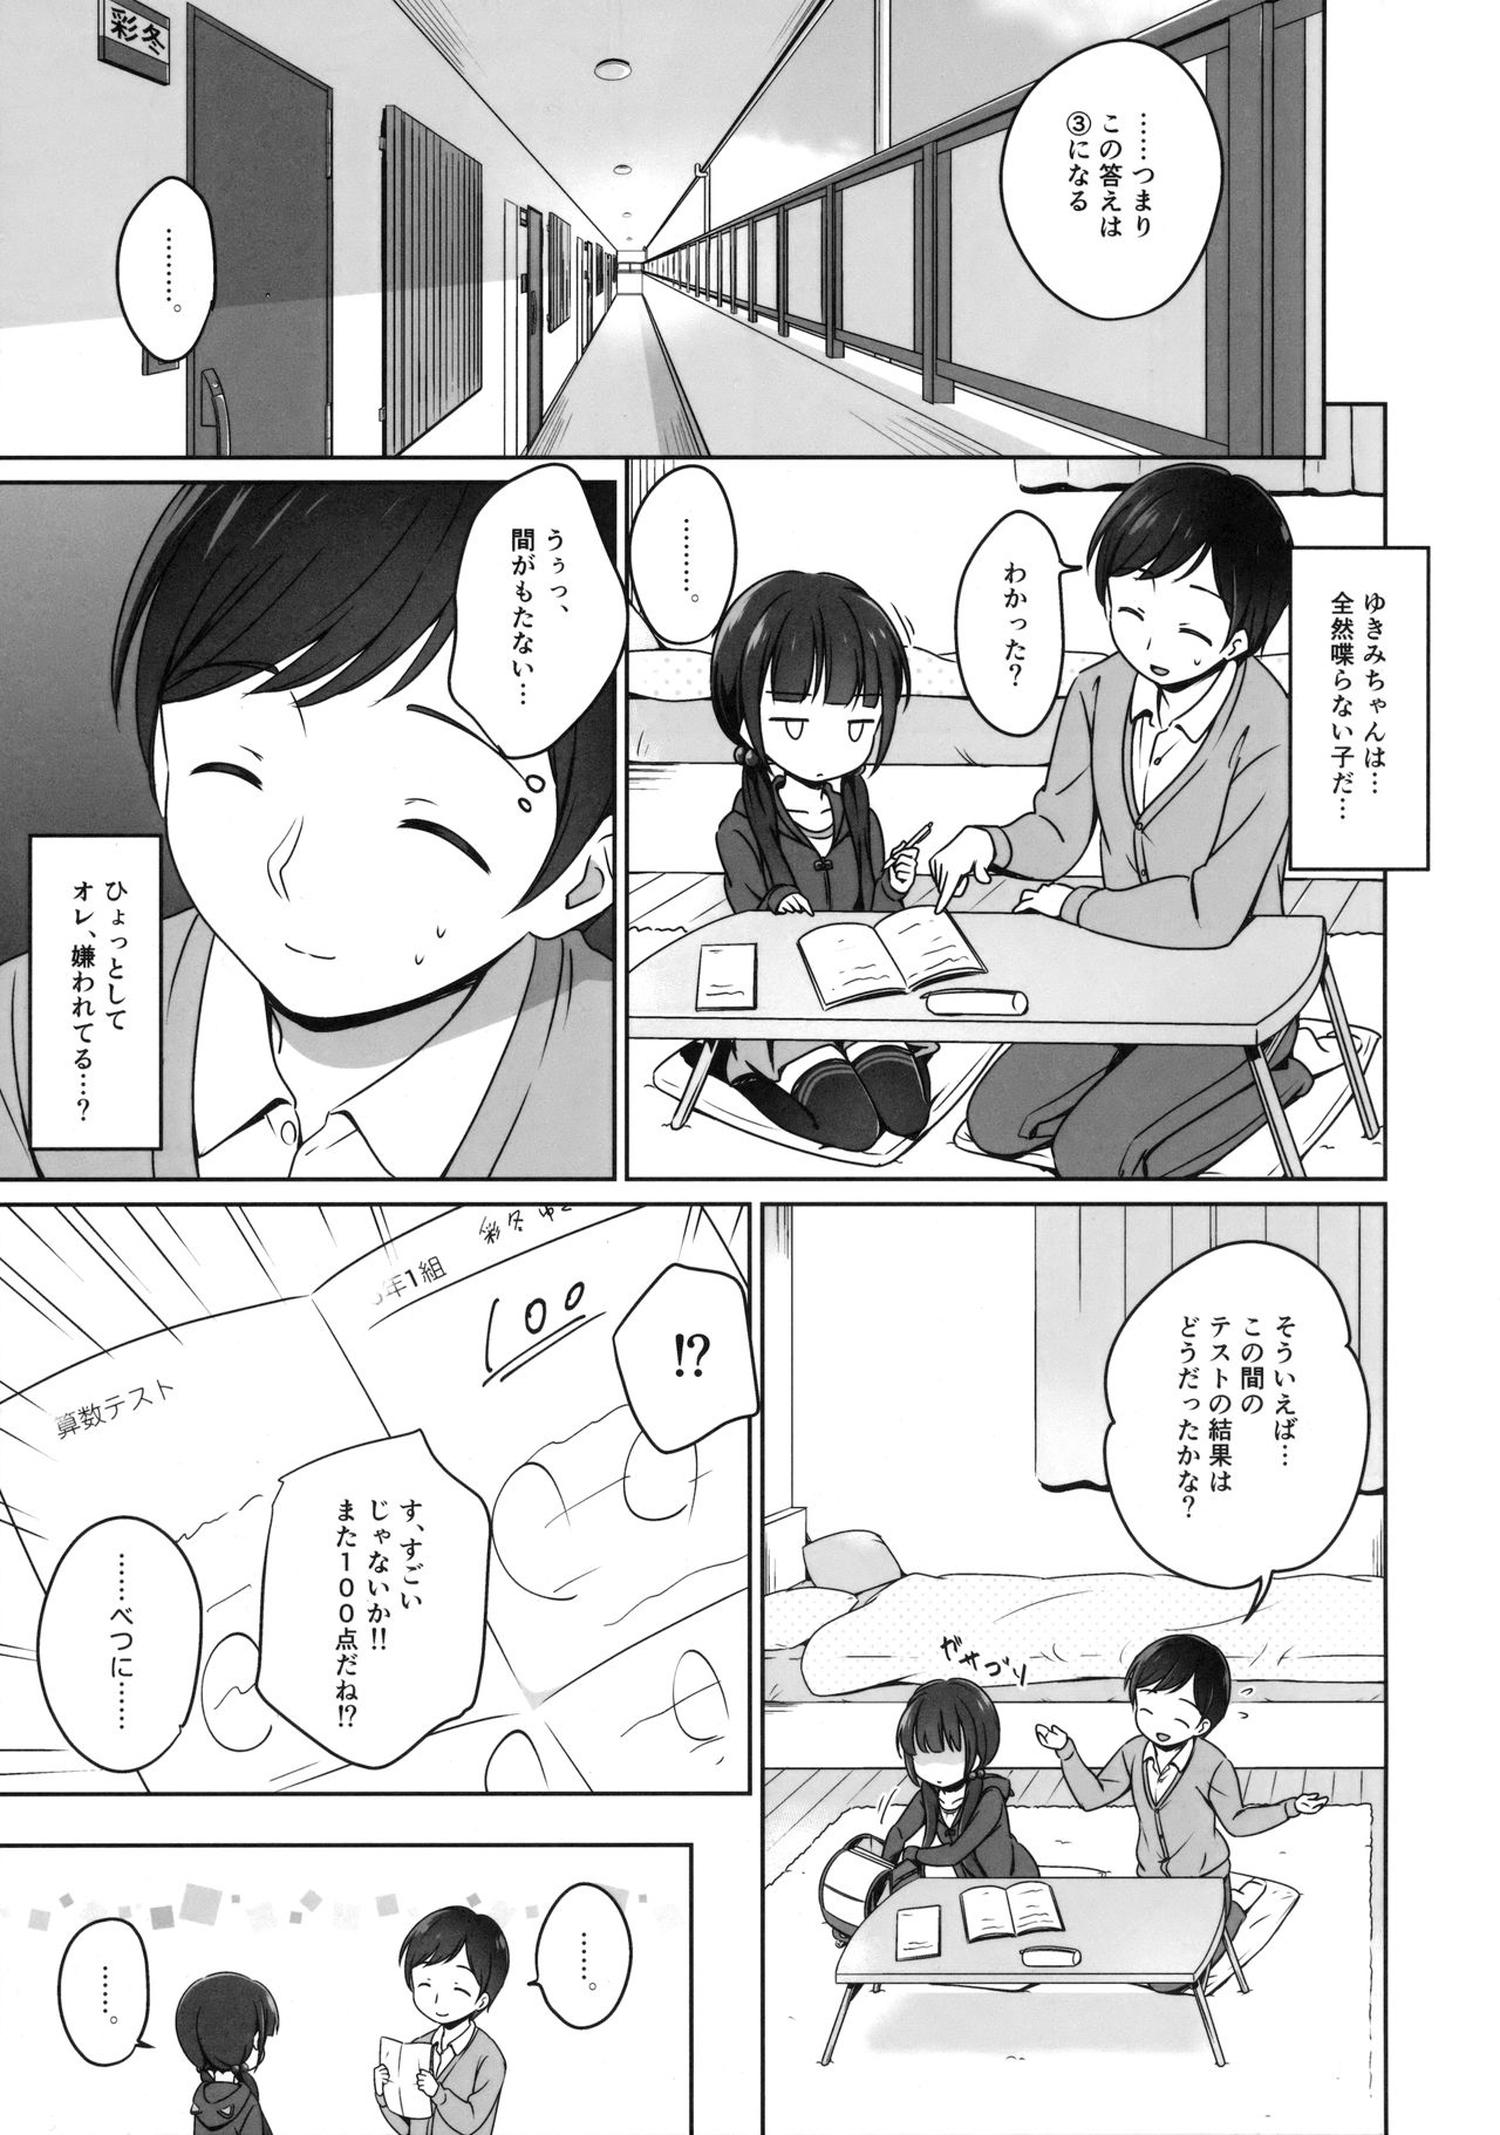 【エロ漫画】クールな猫耳フードを被った黒髪幼女とイチャラブセックス~♪【無料 エロ同人誌】 (6)